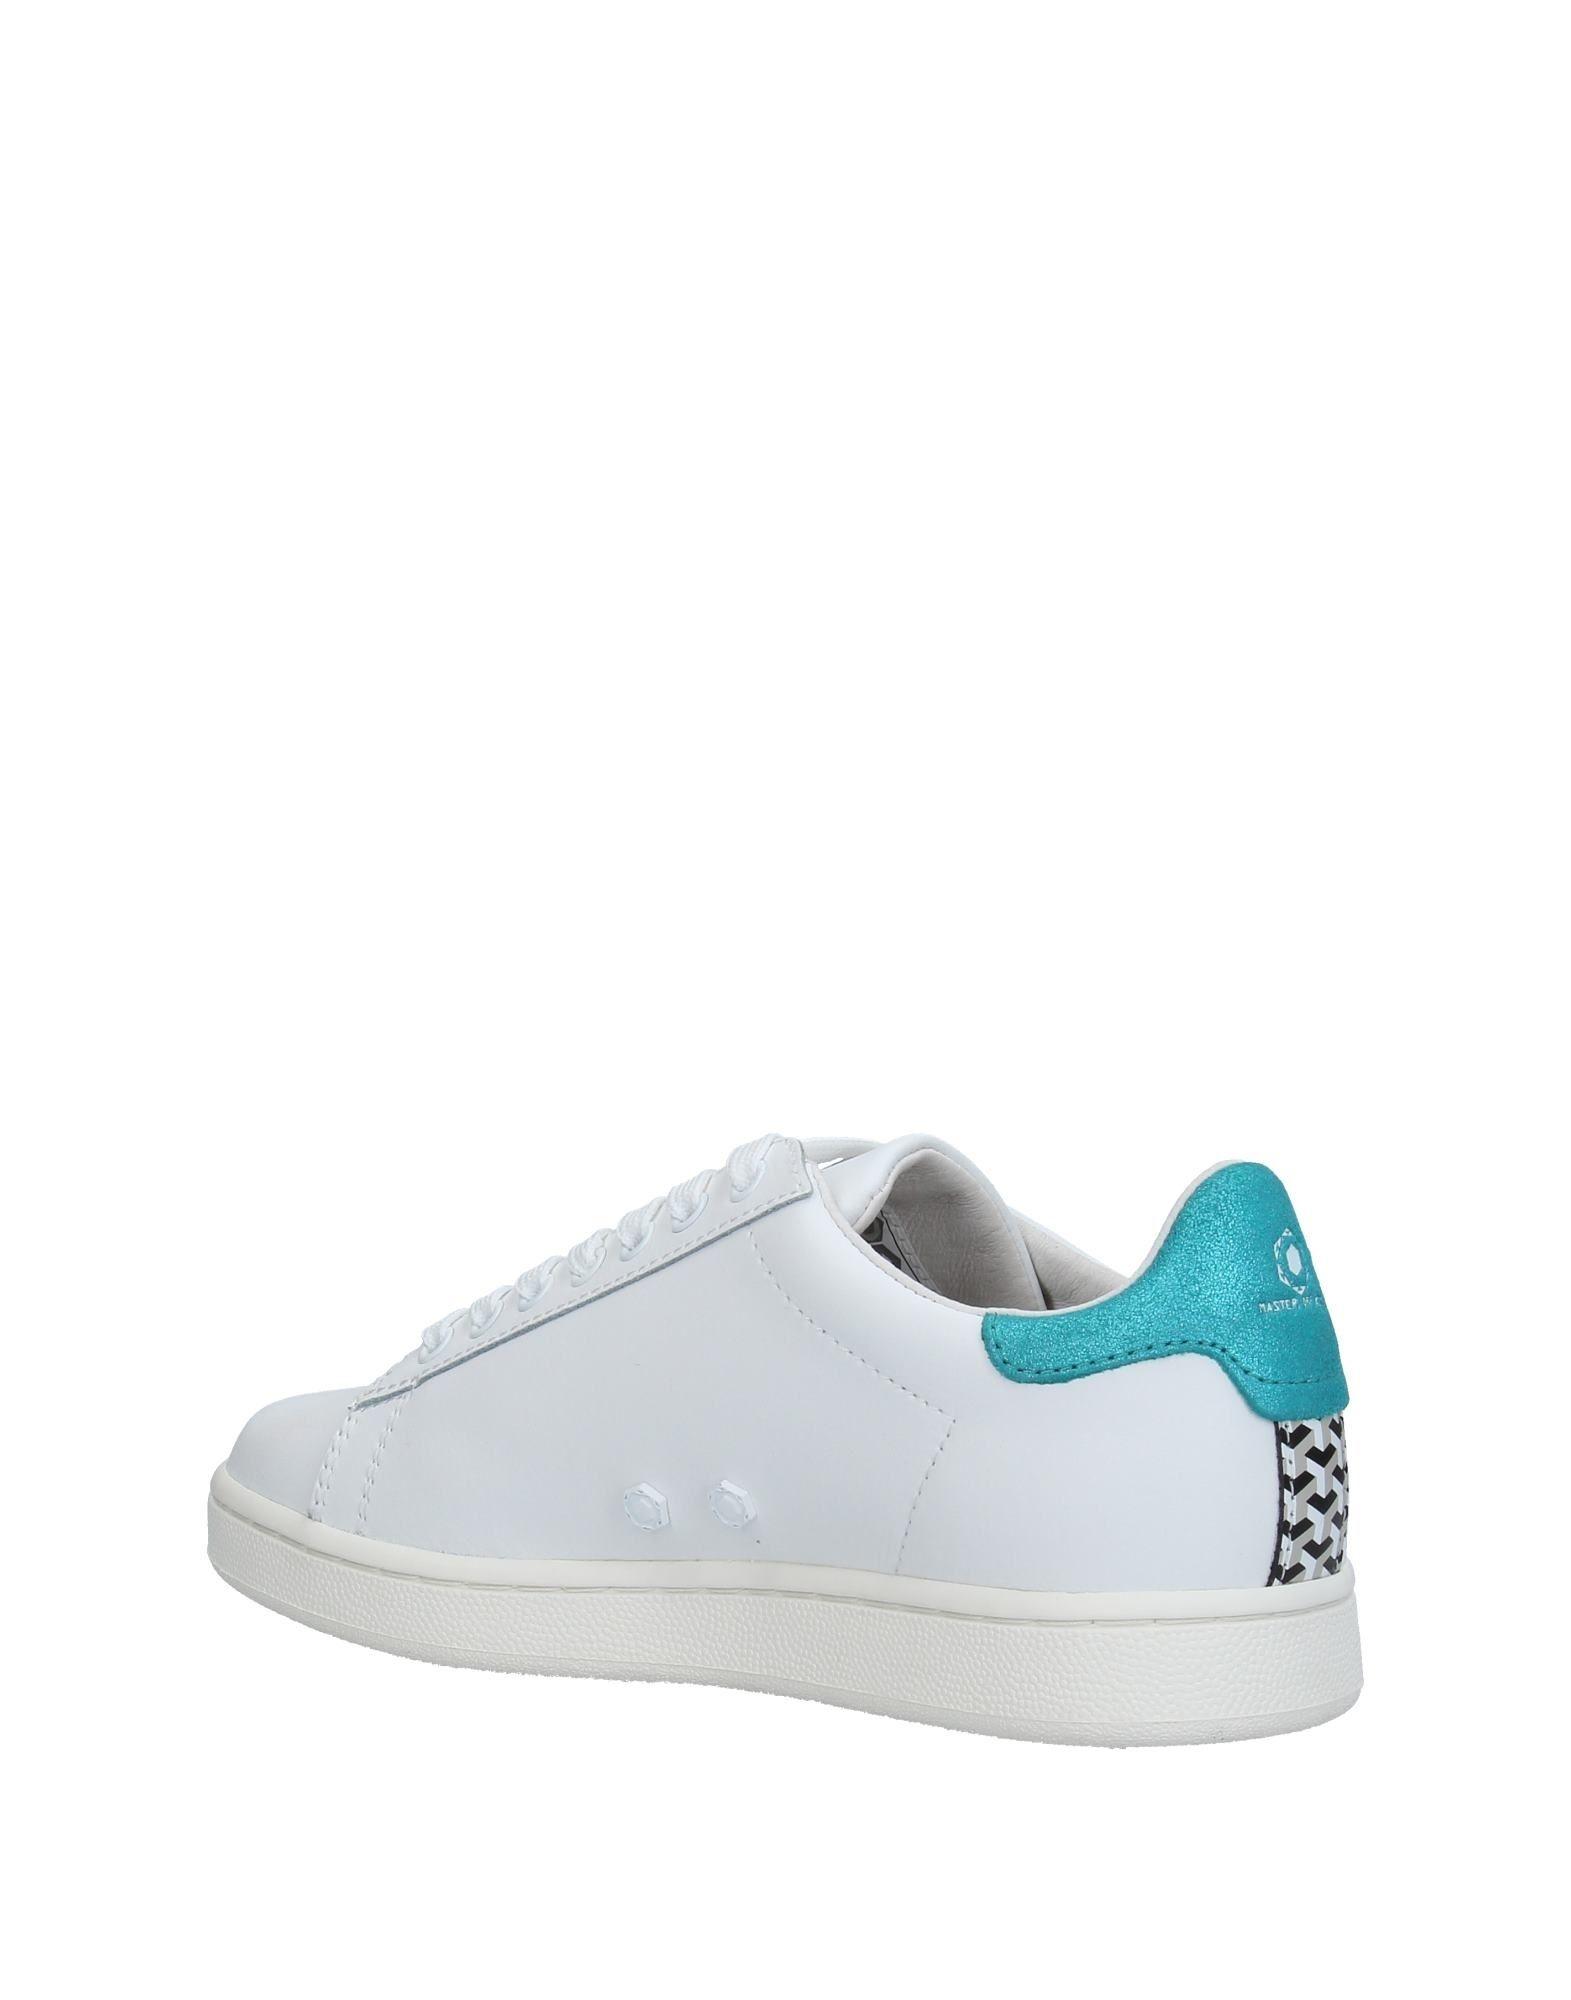 Moa Master Of Arts Sneakers Damen  11333440UA Gute Qualität beliebte Schuhe